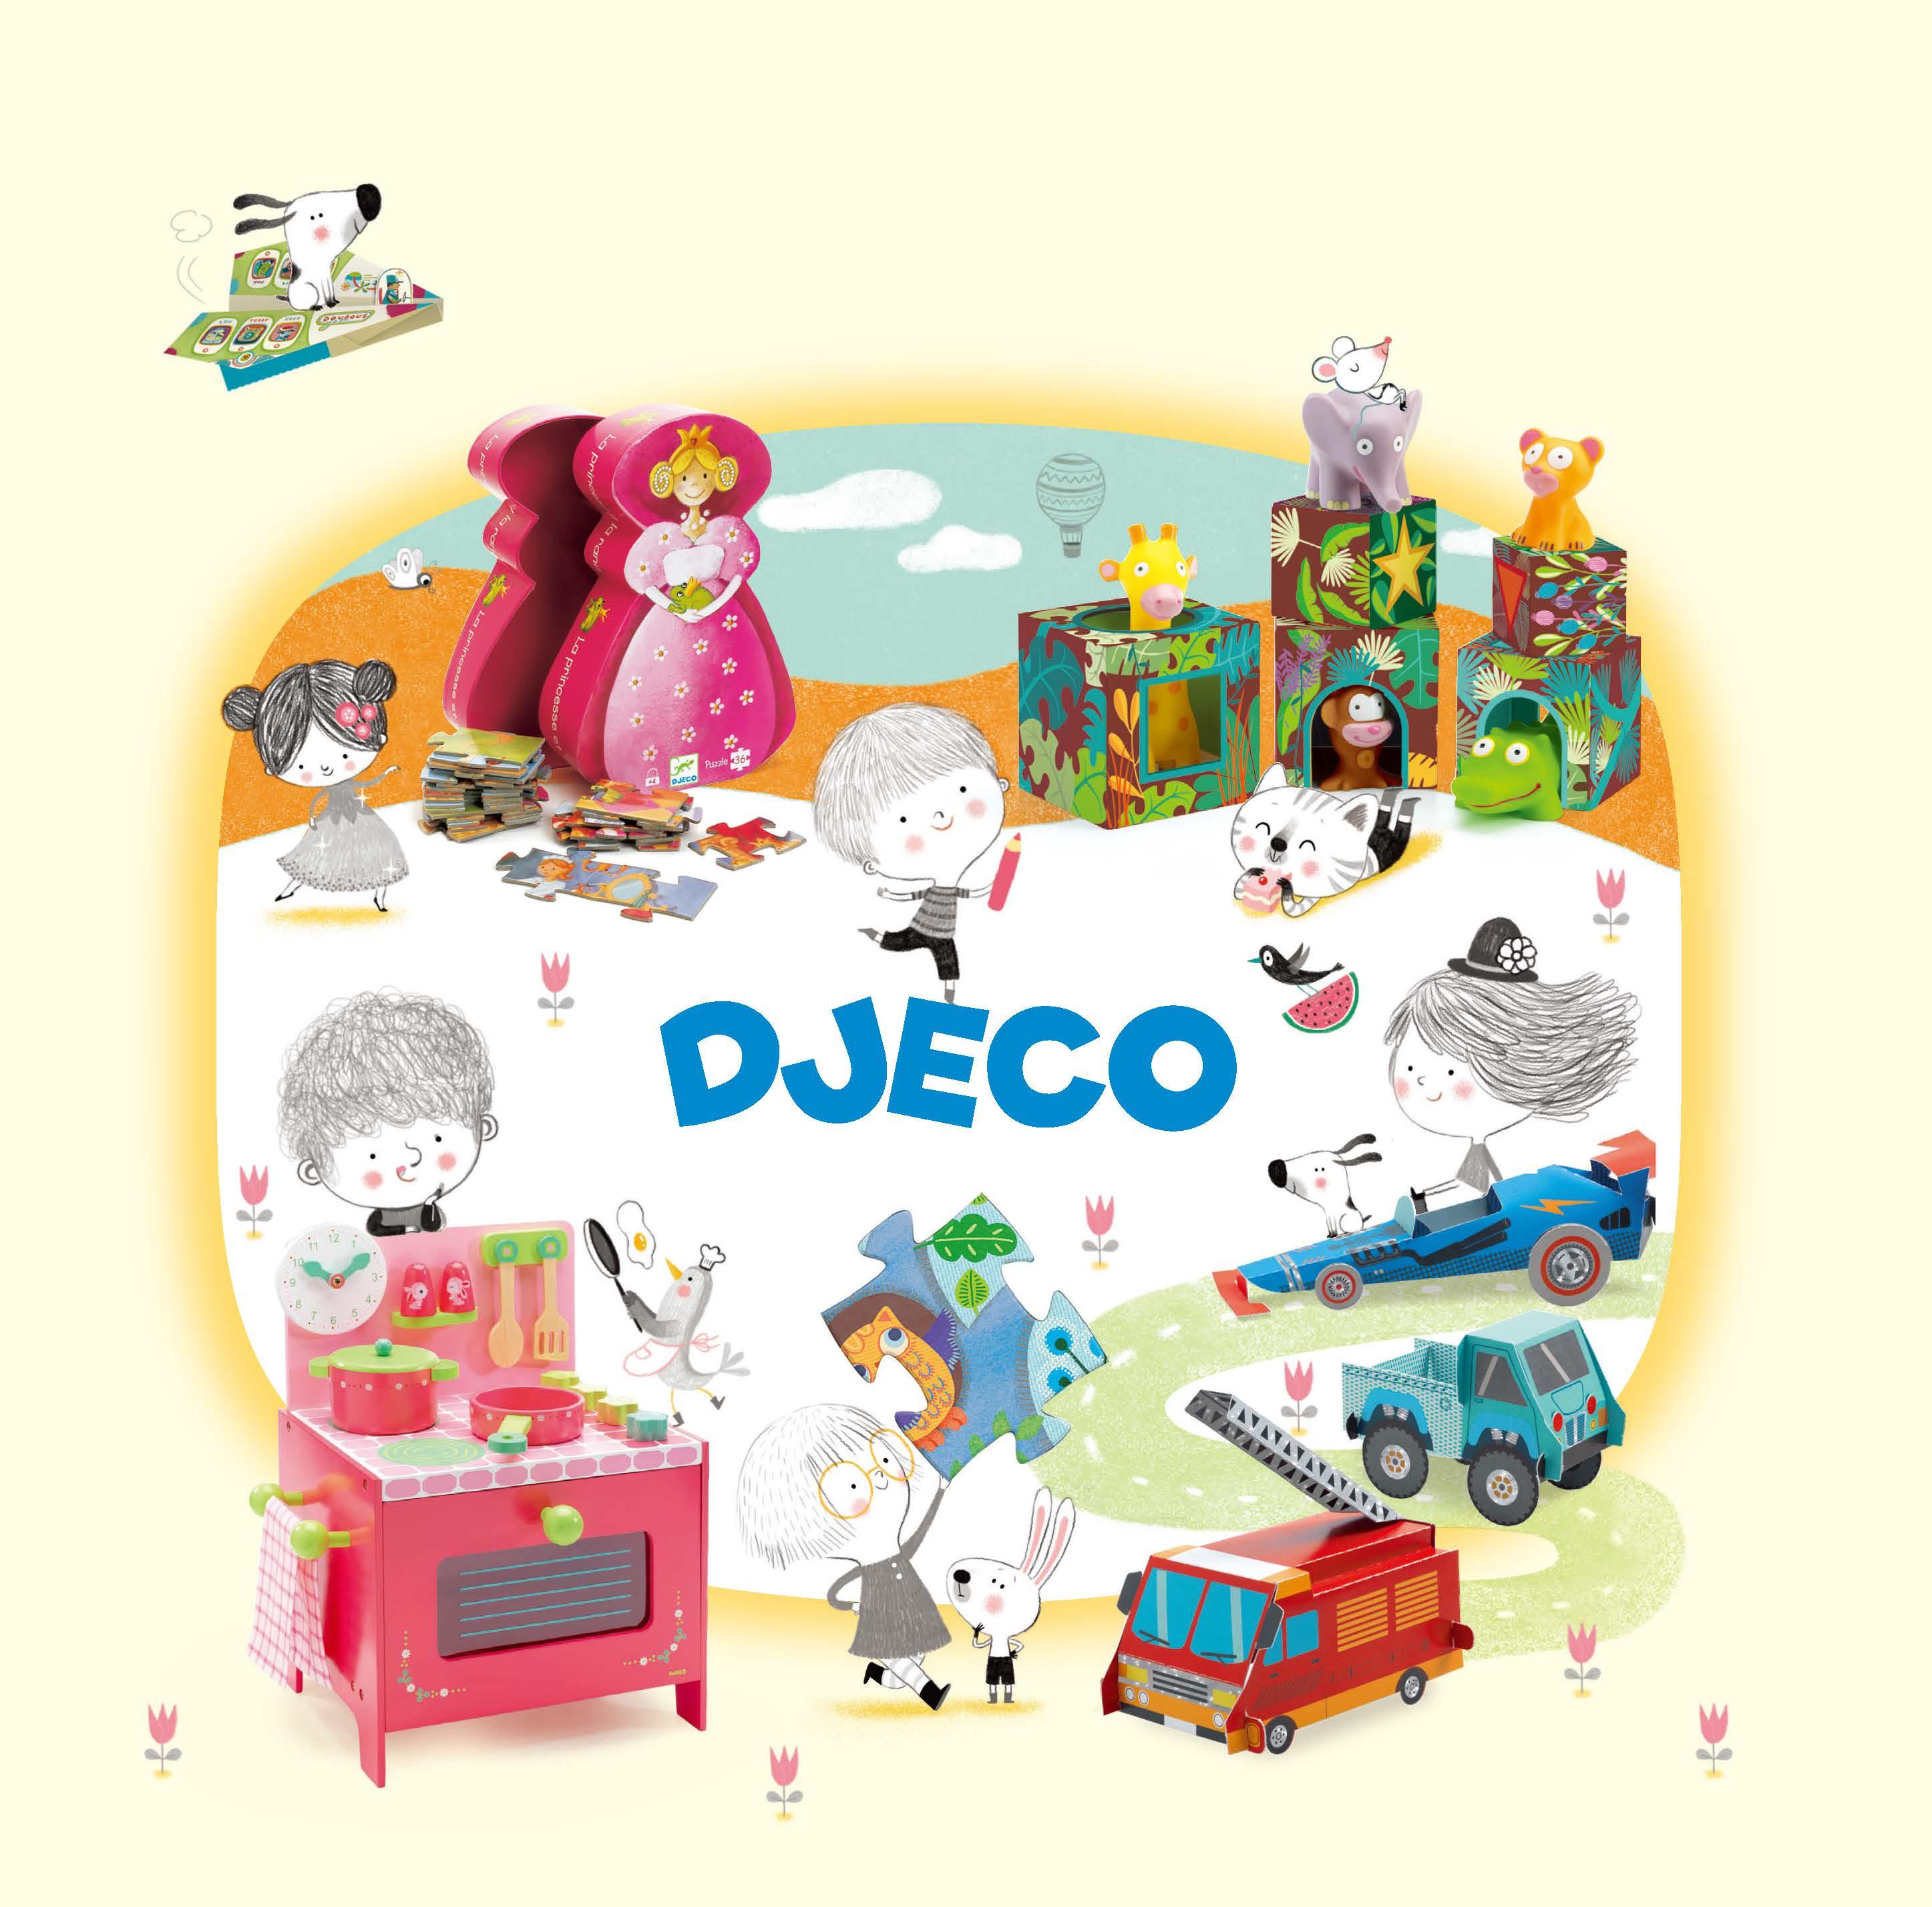 フランスのトイブランド<DJECO>×ママノワのInstagram限定企画「親バカごめんショット」